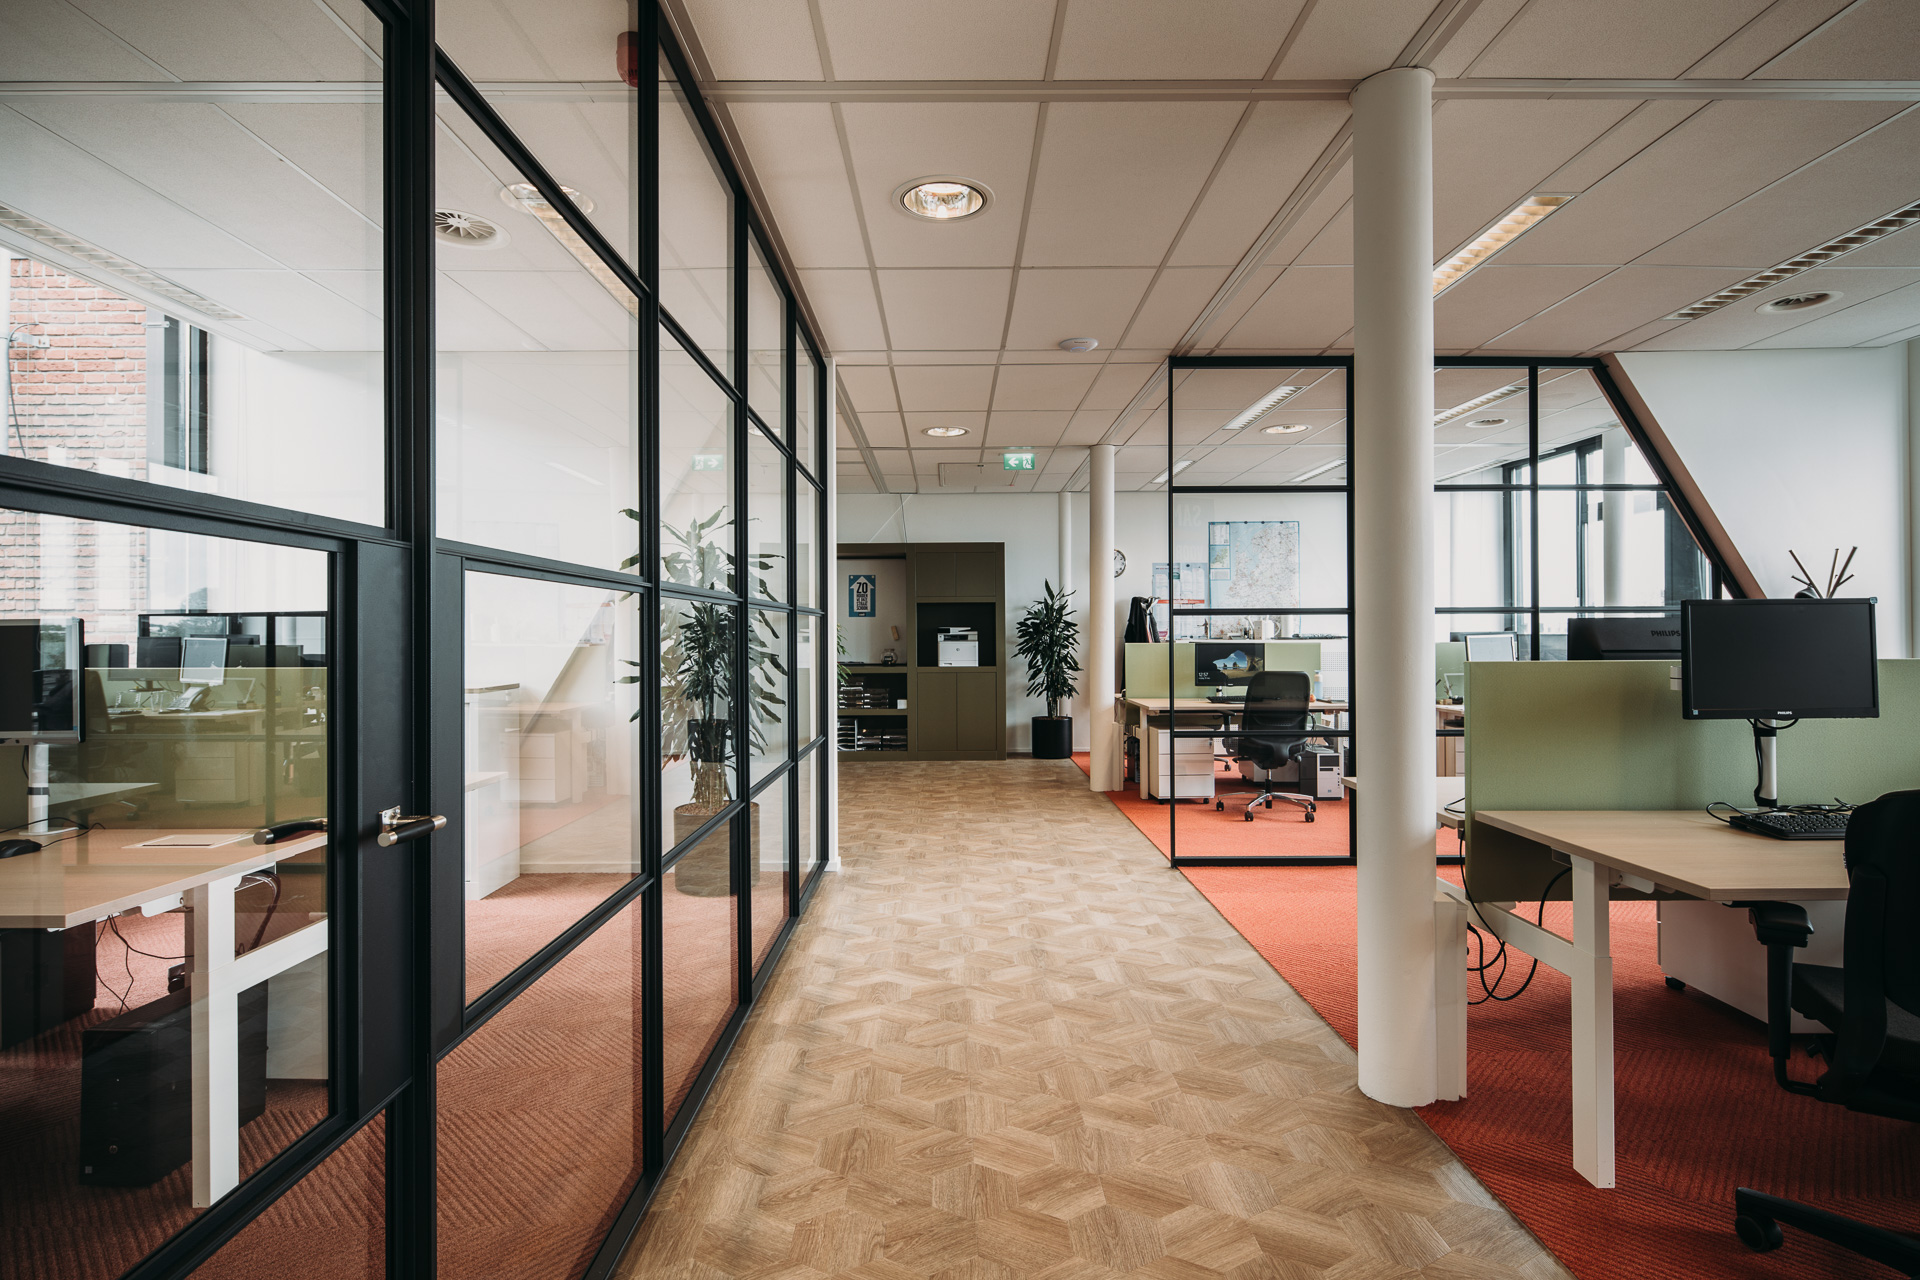 Nederland Schoon - Samen met Honkkwadraat realiseerde LISA in 2017 het nieuwe kantoor van Nederland Schoon in het monumentale Bylandt Huis in Den Haag (Turn key).